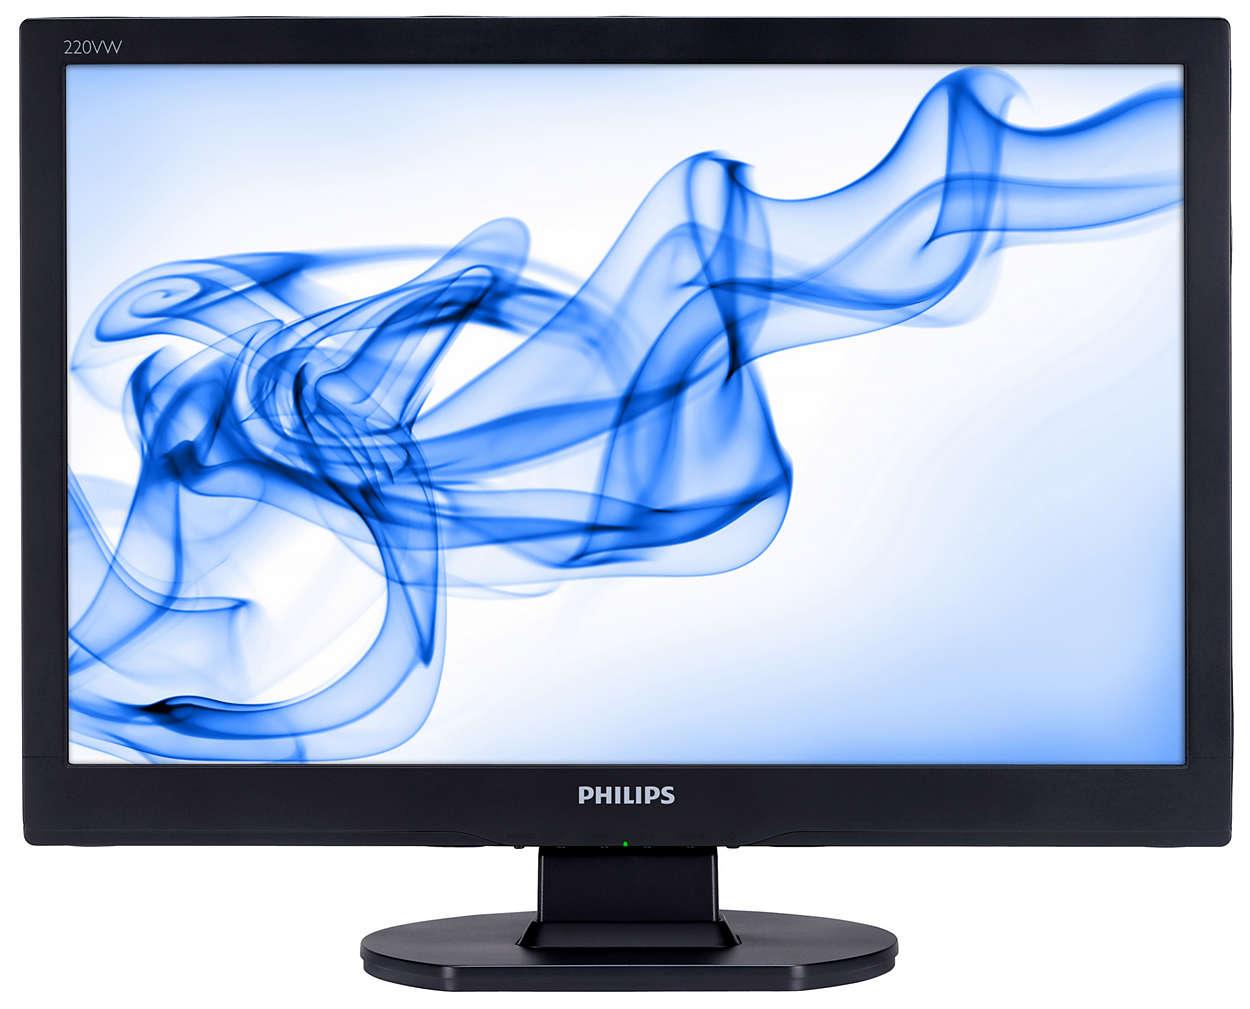 Breitbild-Monitor mit hervorragendem Preis-Leistungs-Verhältnis